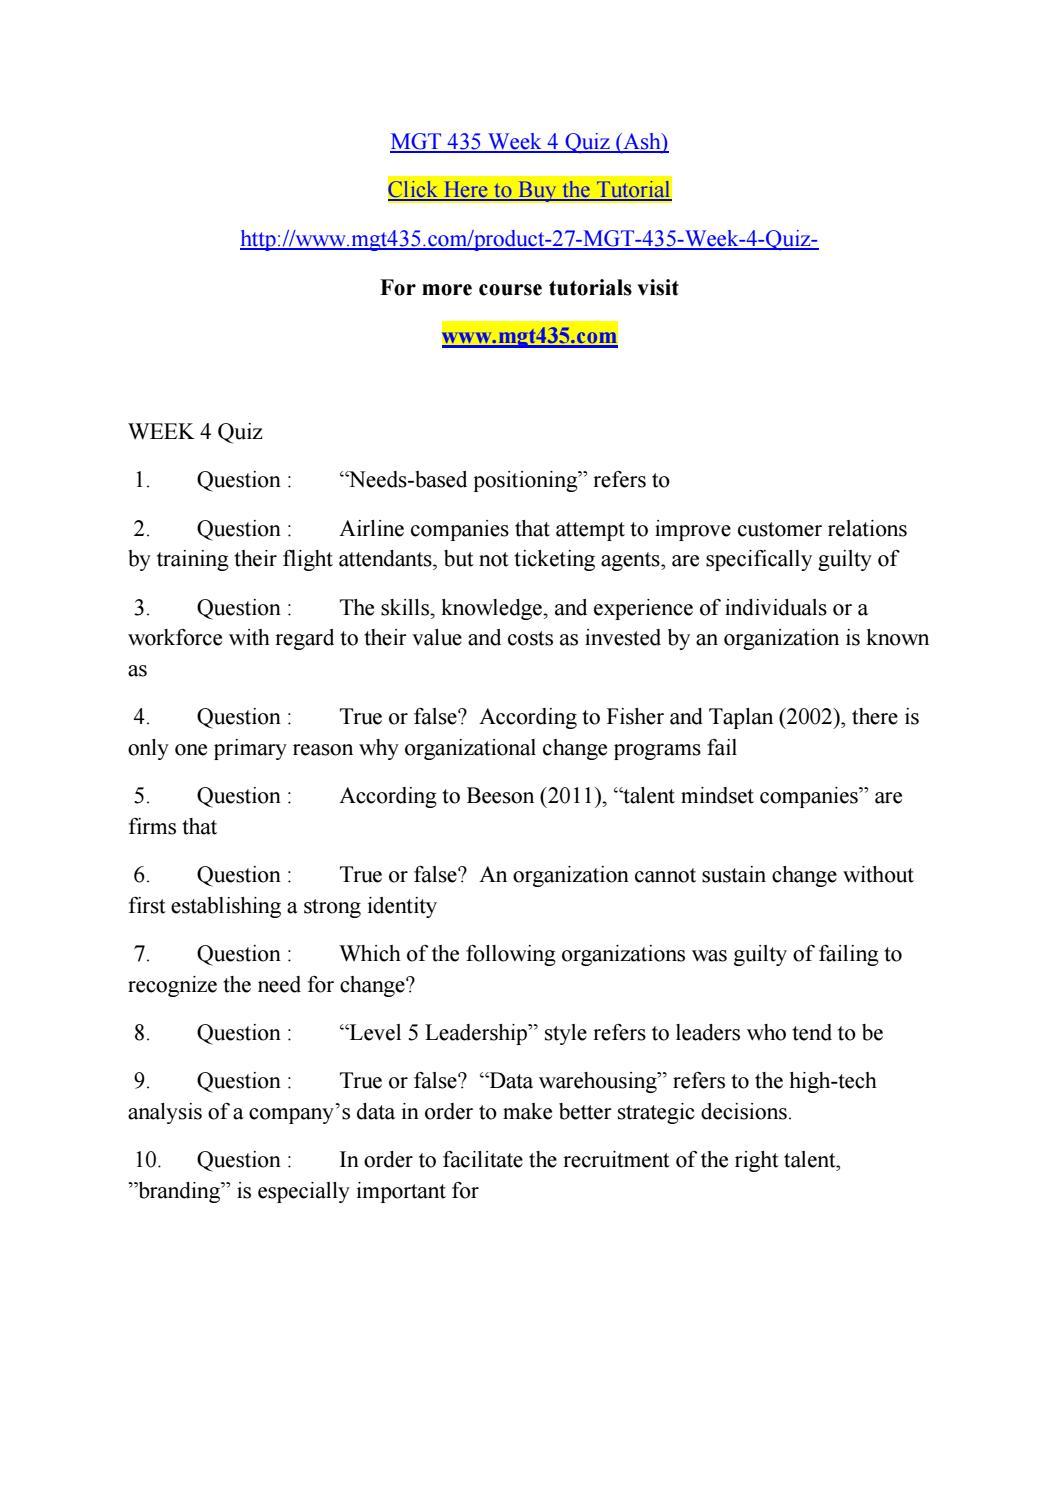 Mgt 435 week 4 quiz (ash) by a bhilashpudu kadapple1234 - issuu